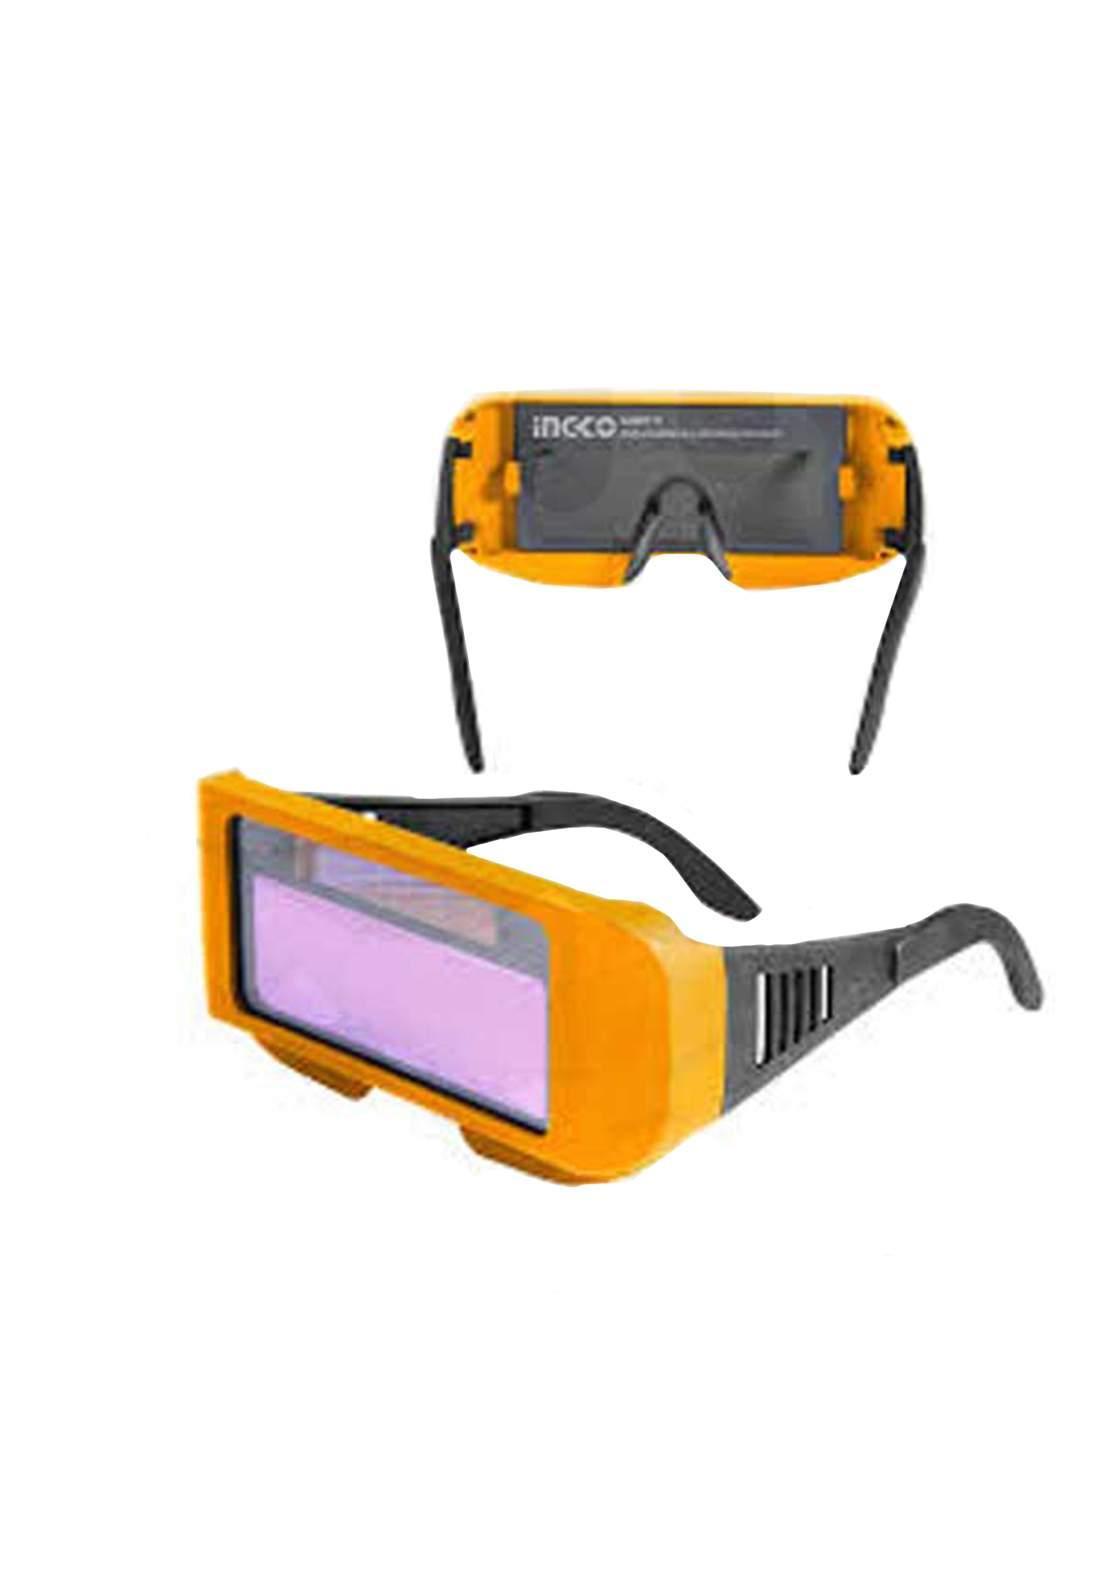 Ingco Ahm111 Auto Darkening Welding Glasses  ننظارة  لحام